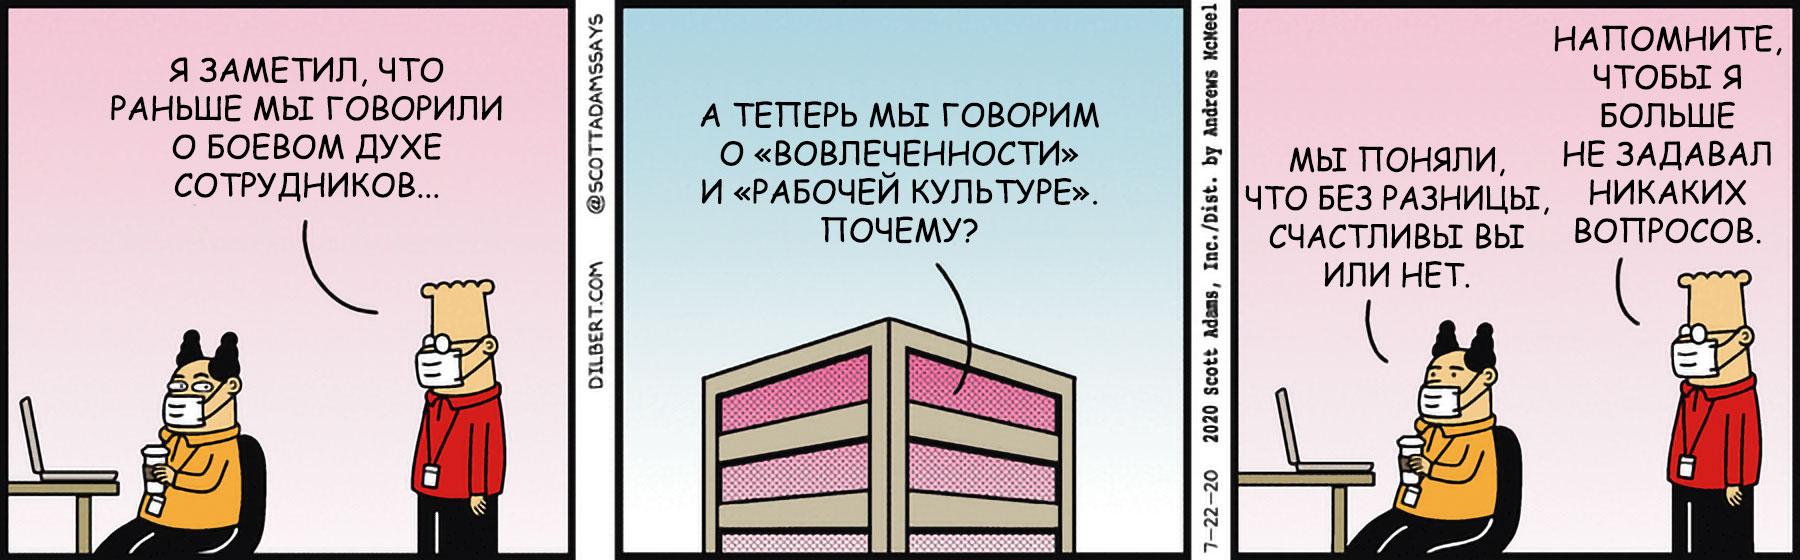 vovle4